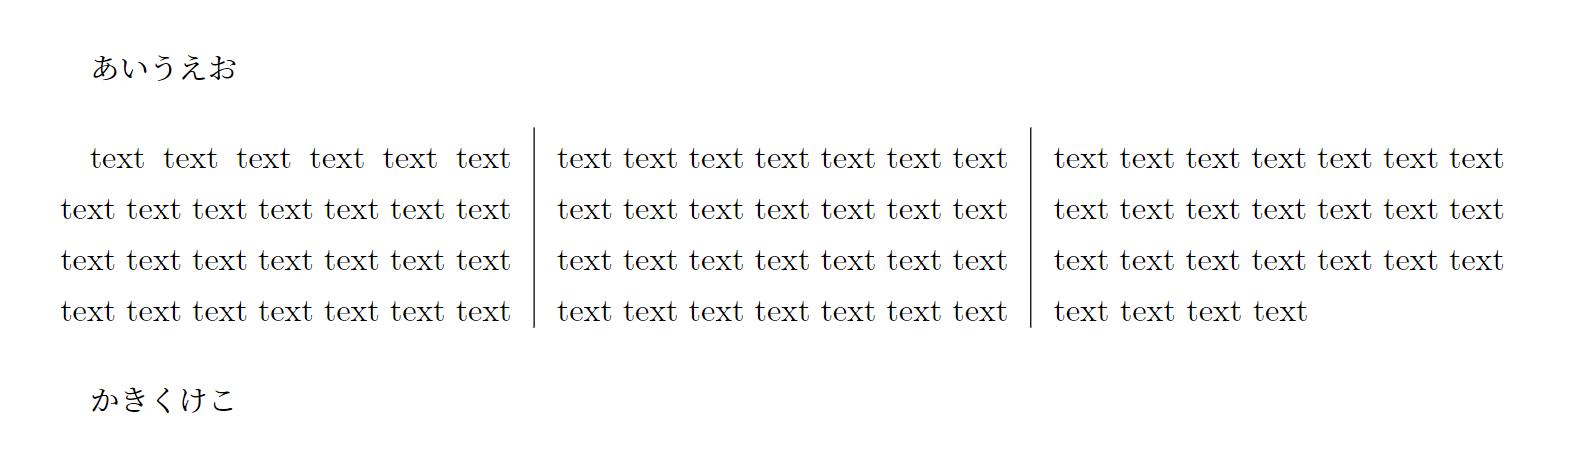 【LaTeX】2段組・多段組にする方法とその周辺